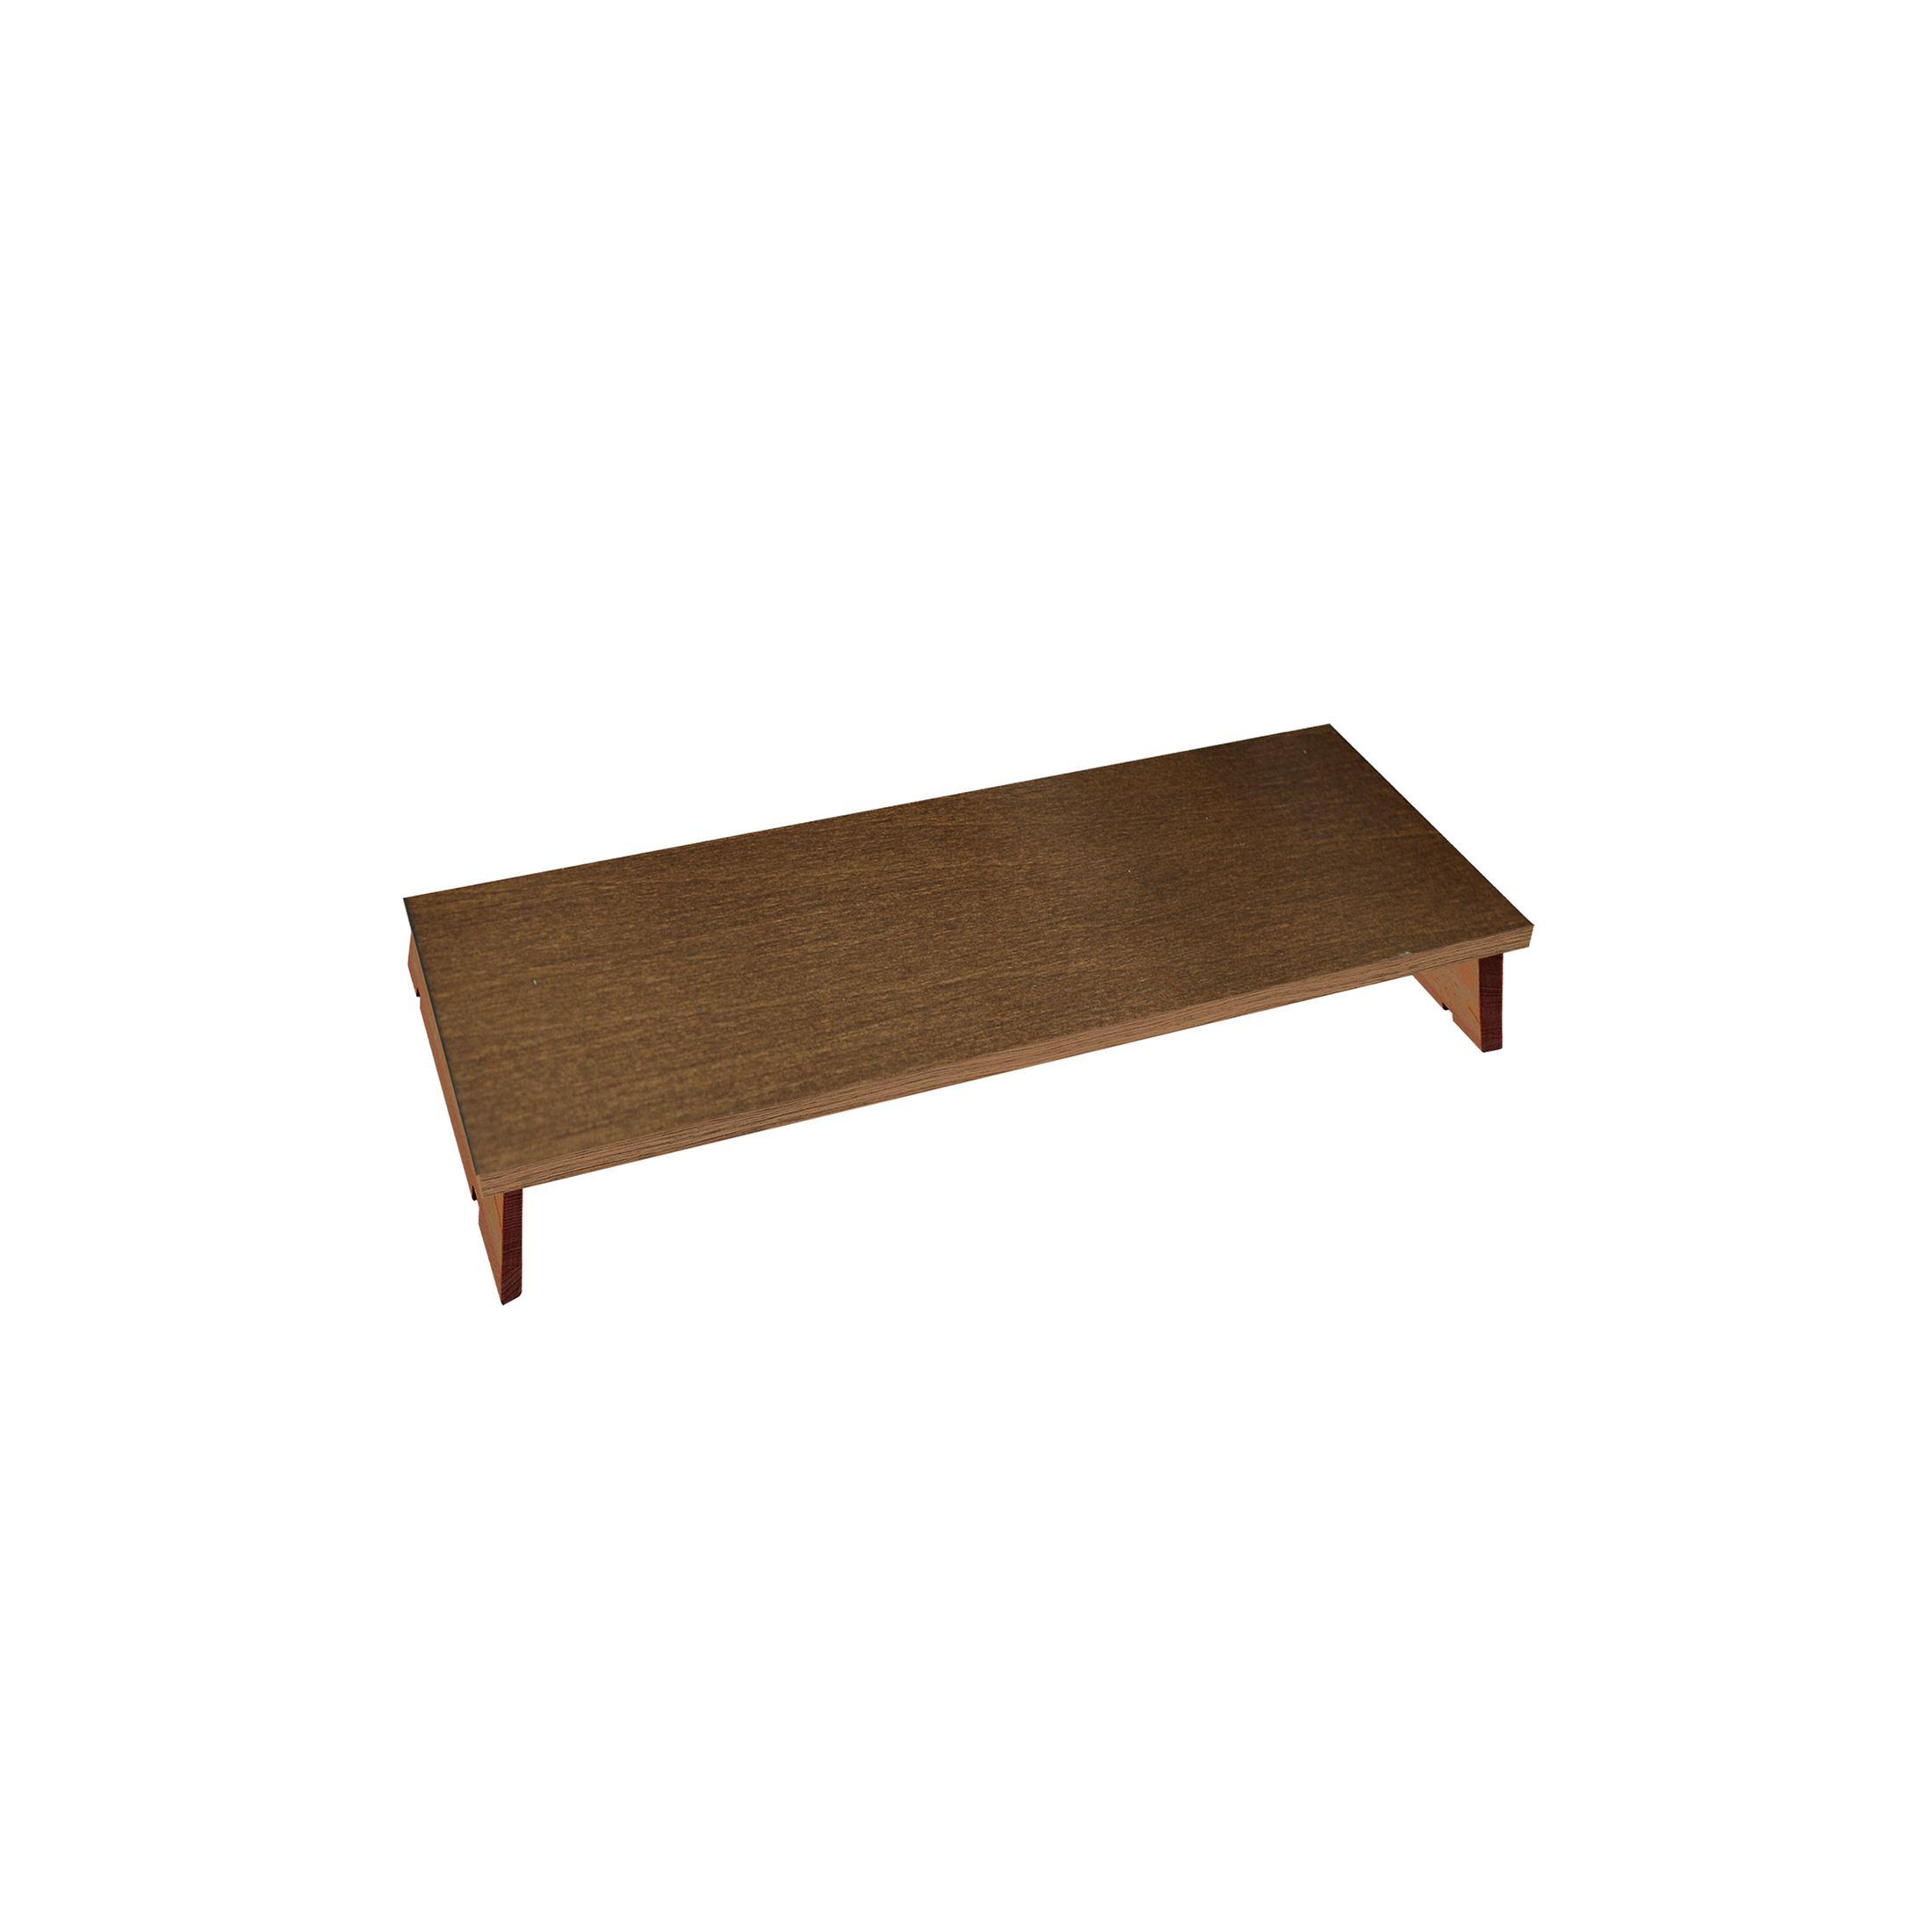 weinregal casanova holz buche nuss stapelbar. Black Bedroom Furniture Sets. Home Design Ideas